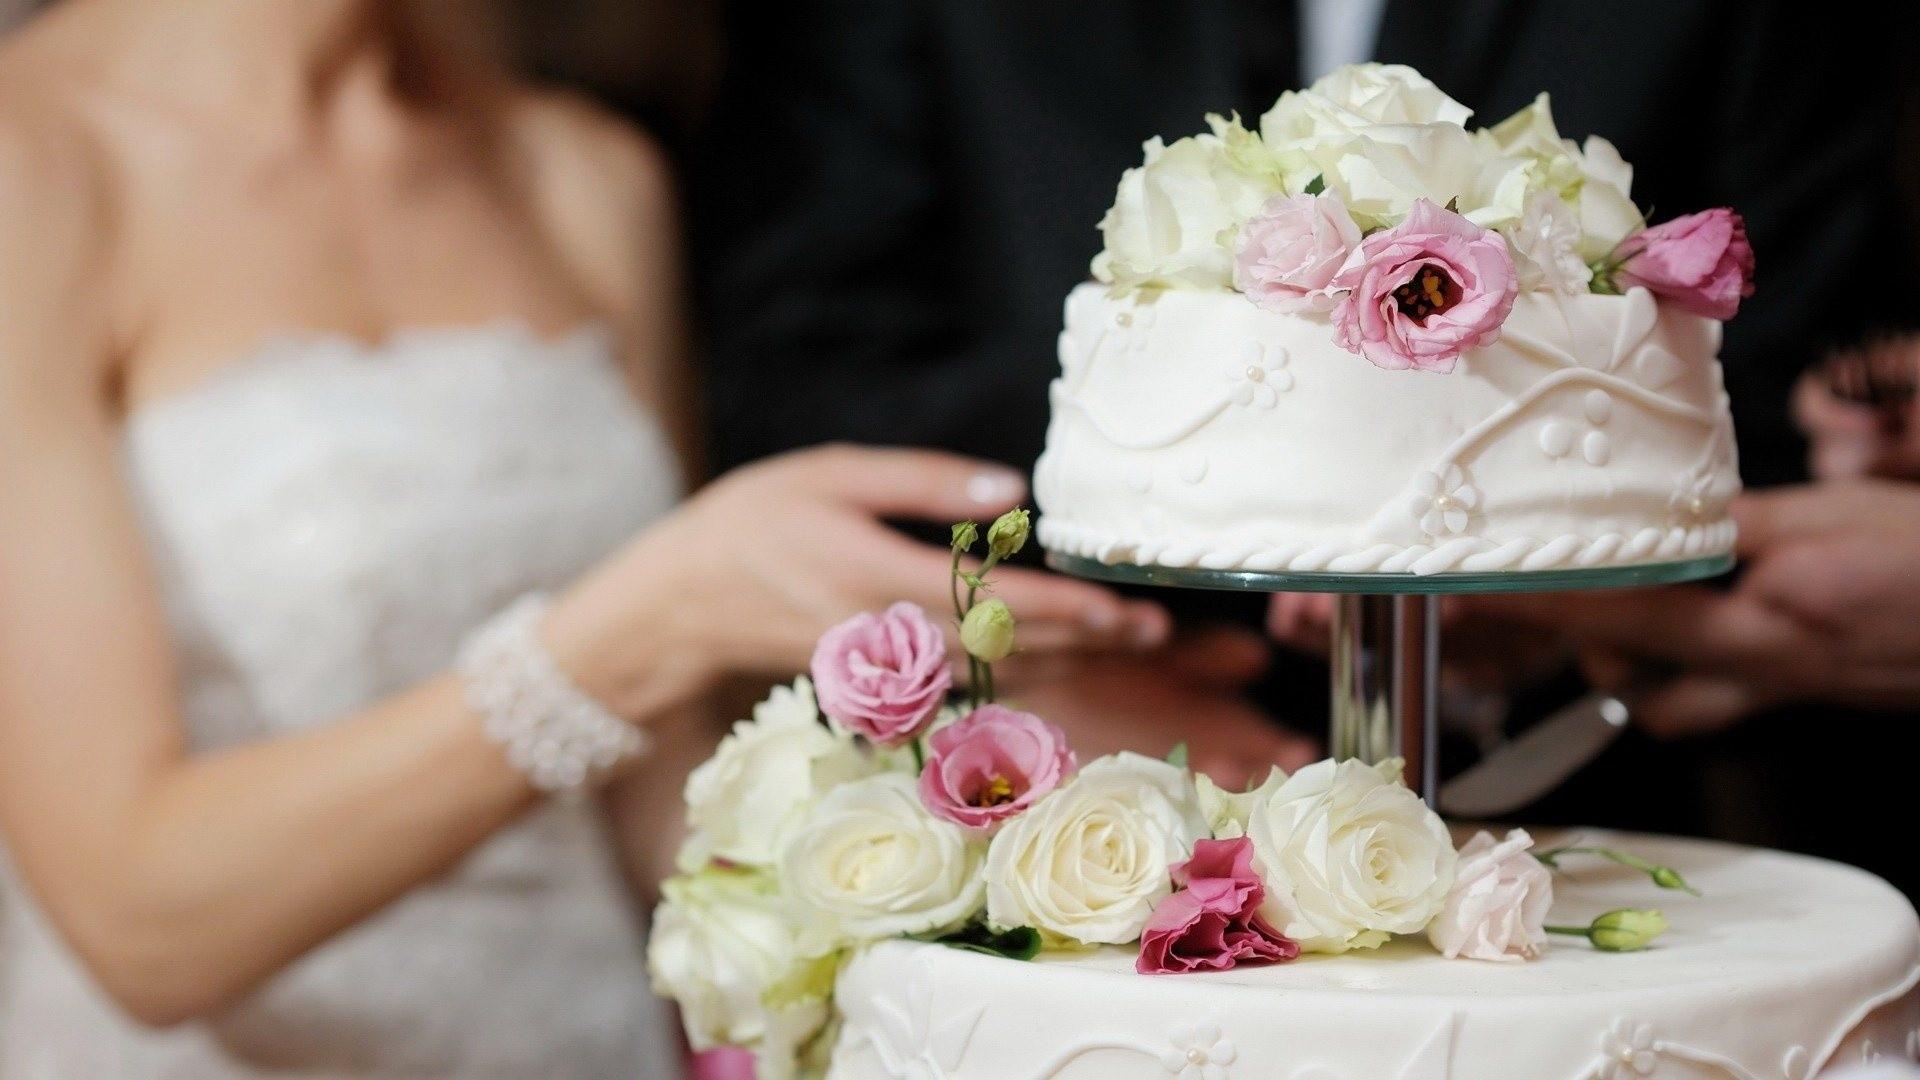 Cake Design Images Hd : Bolos para Casamento Internovias Vestidos de Noiva